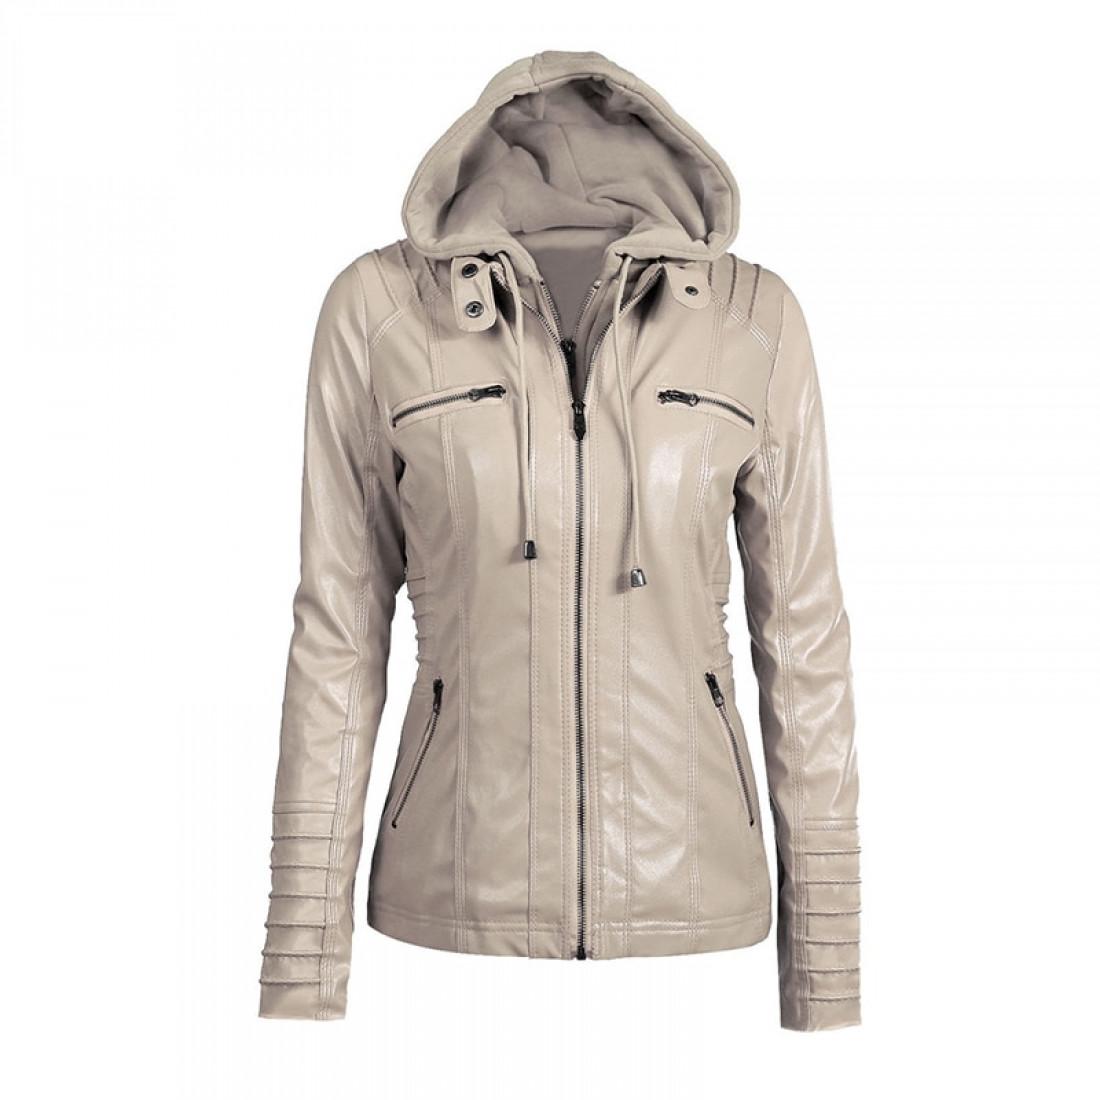 Куртки Женские Осень Интернет Магазин